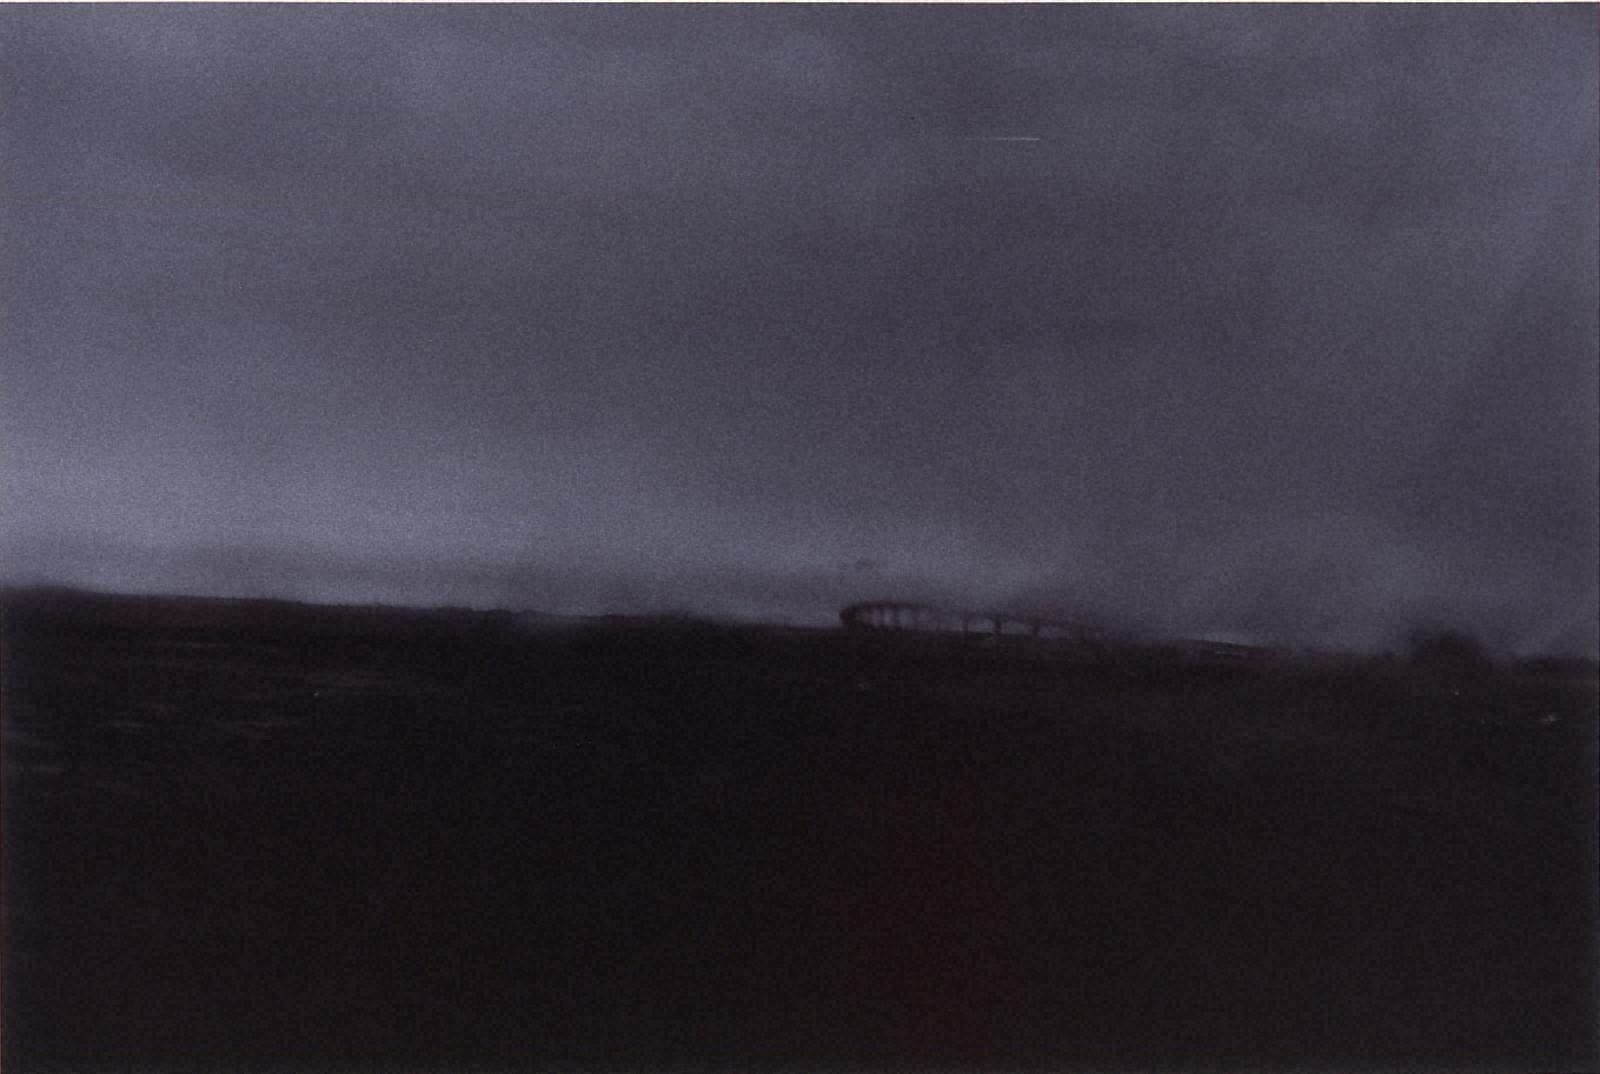 [Jun SHIRAOKA Photographs 1970-1998]フランス、レ島(イルドレ)、1998年7月20日